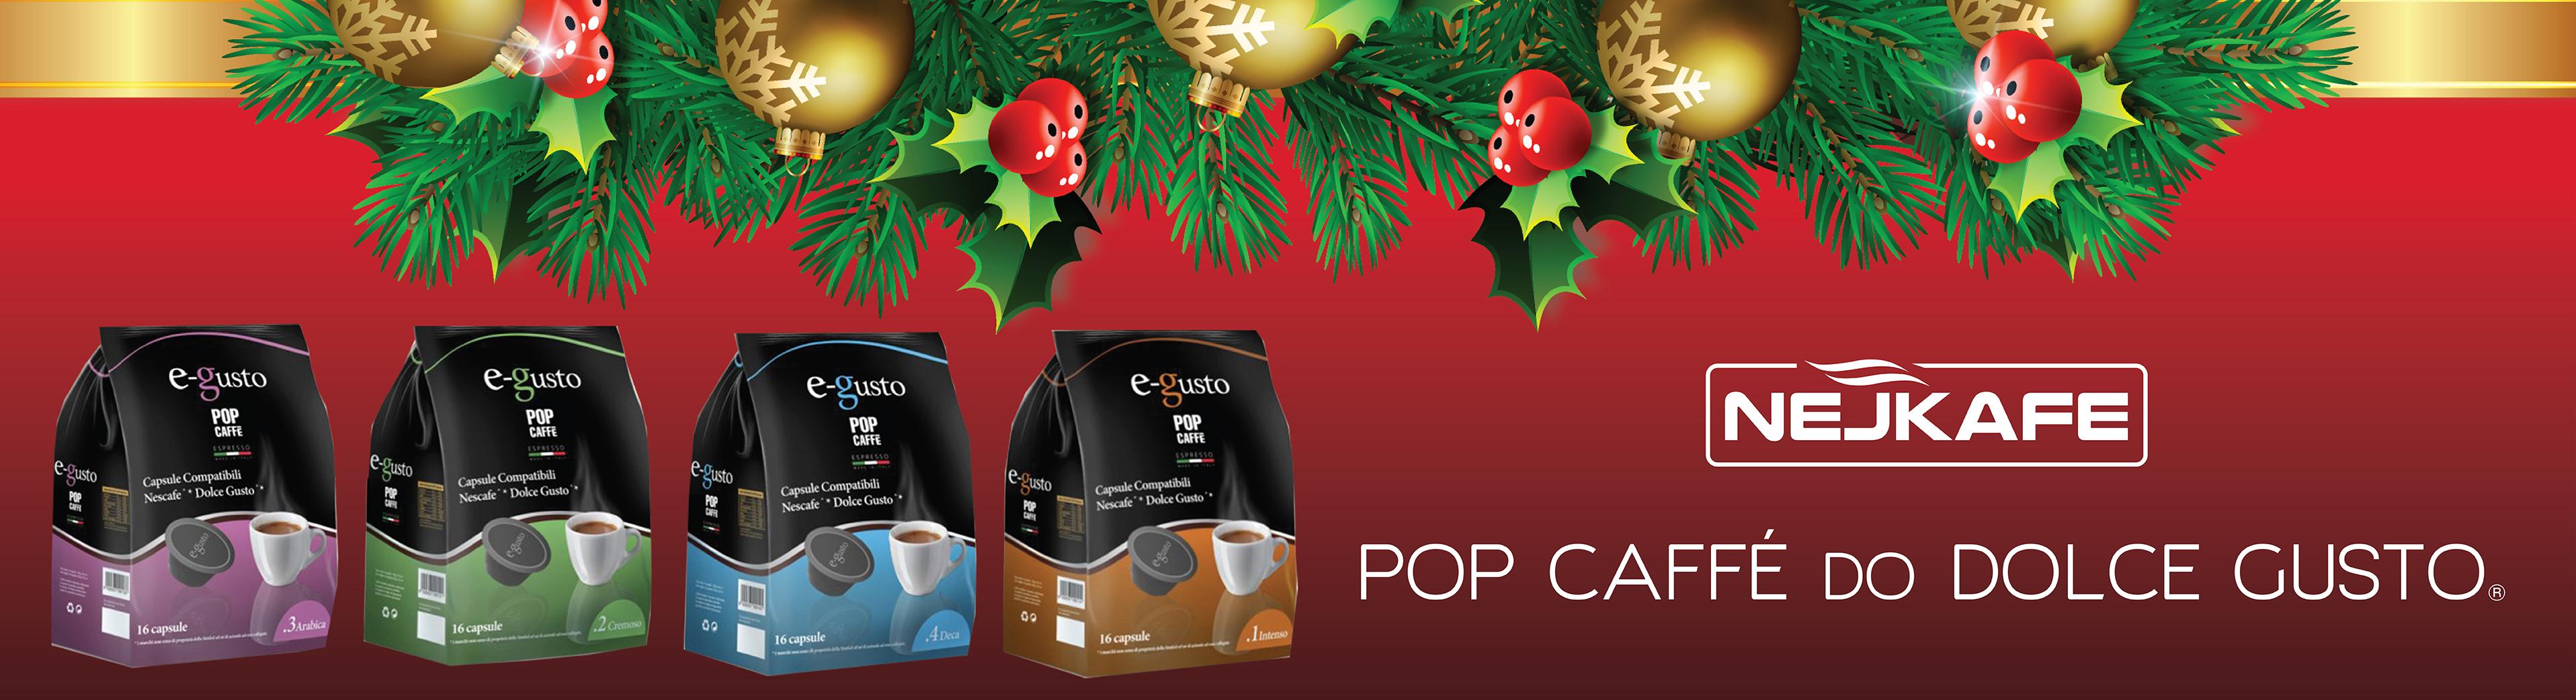 Pop Caffe Dolce Gusto kapsle